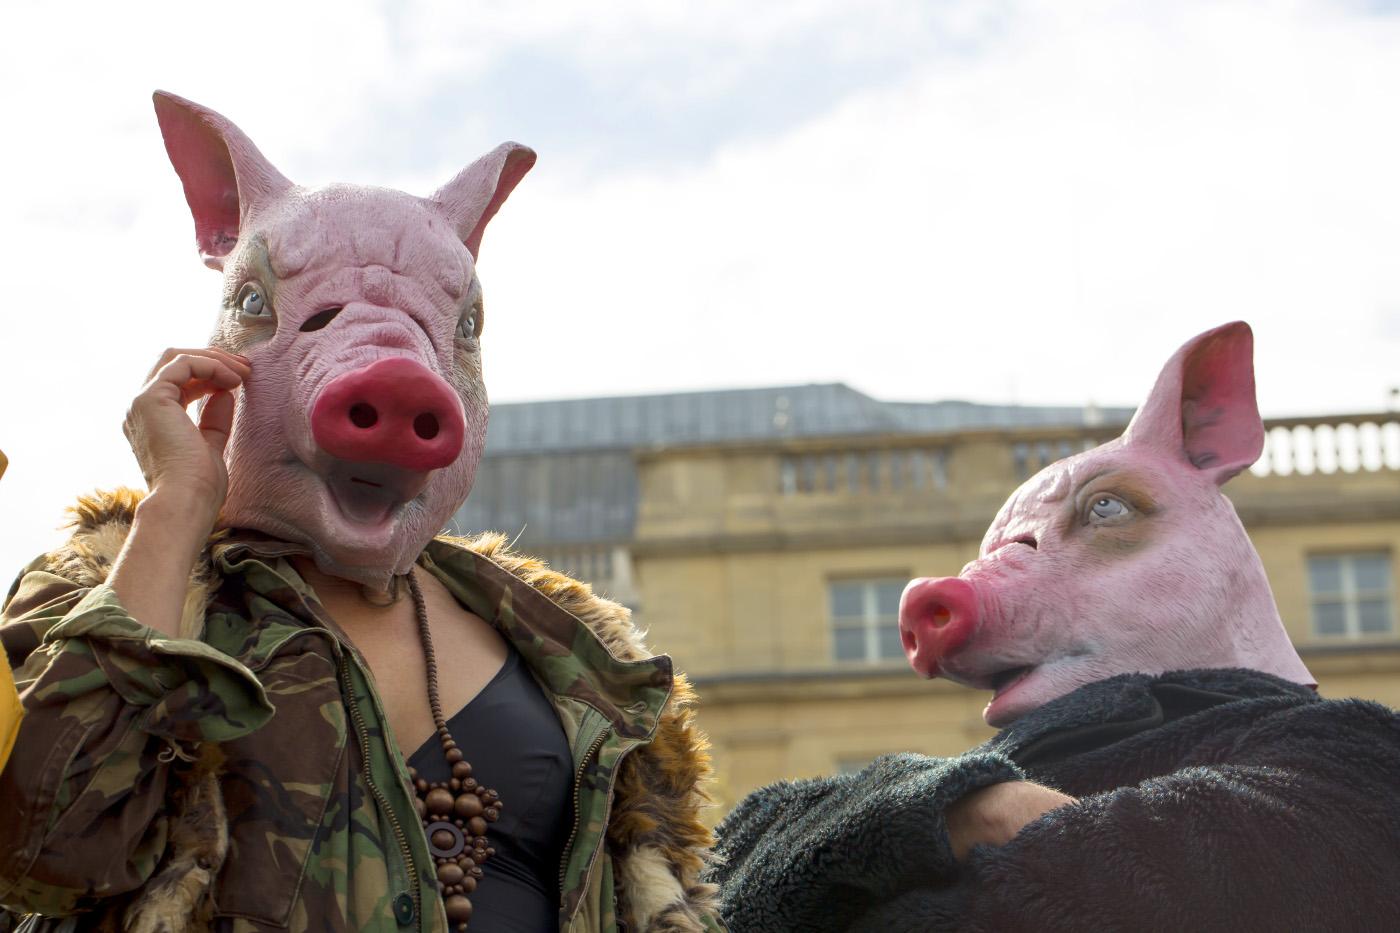 Похотливая сучка, баран, свинья и крыса. Что общего?